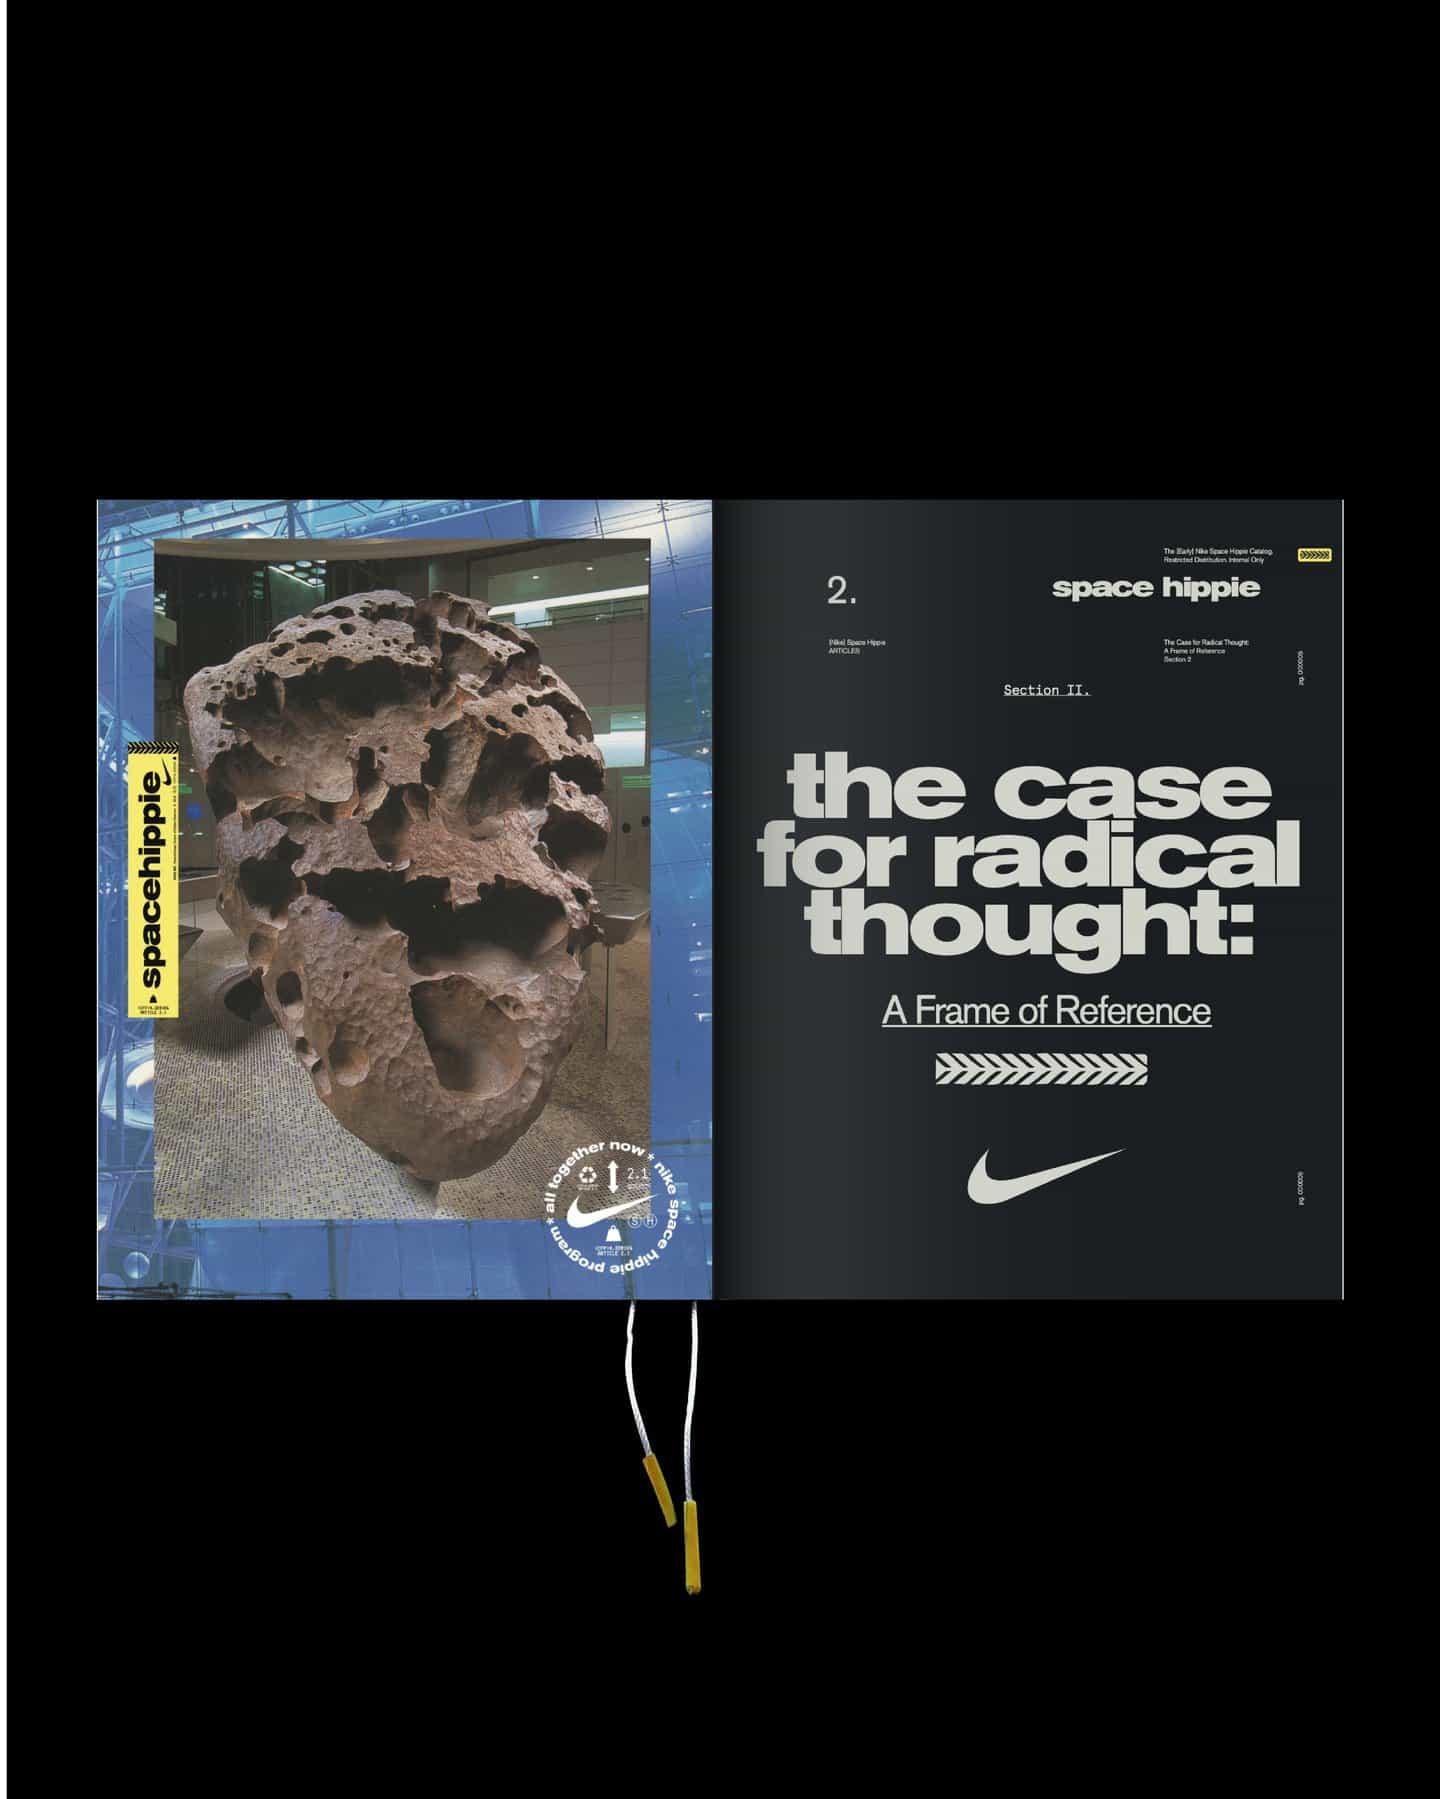 El catálogo de [temprana] Nike espacio Hippie: un manual para New Radicals.